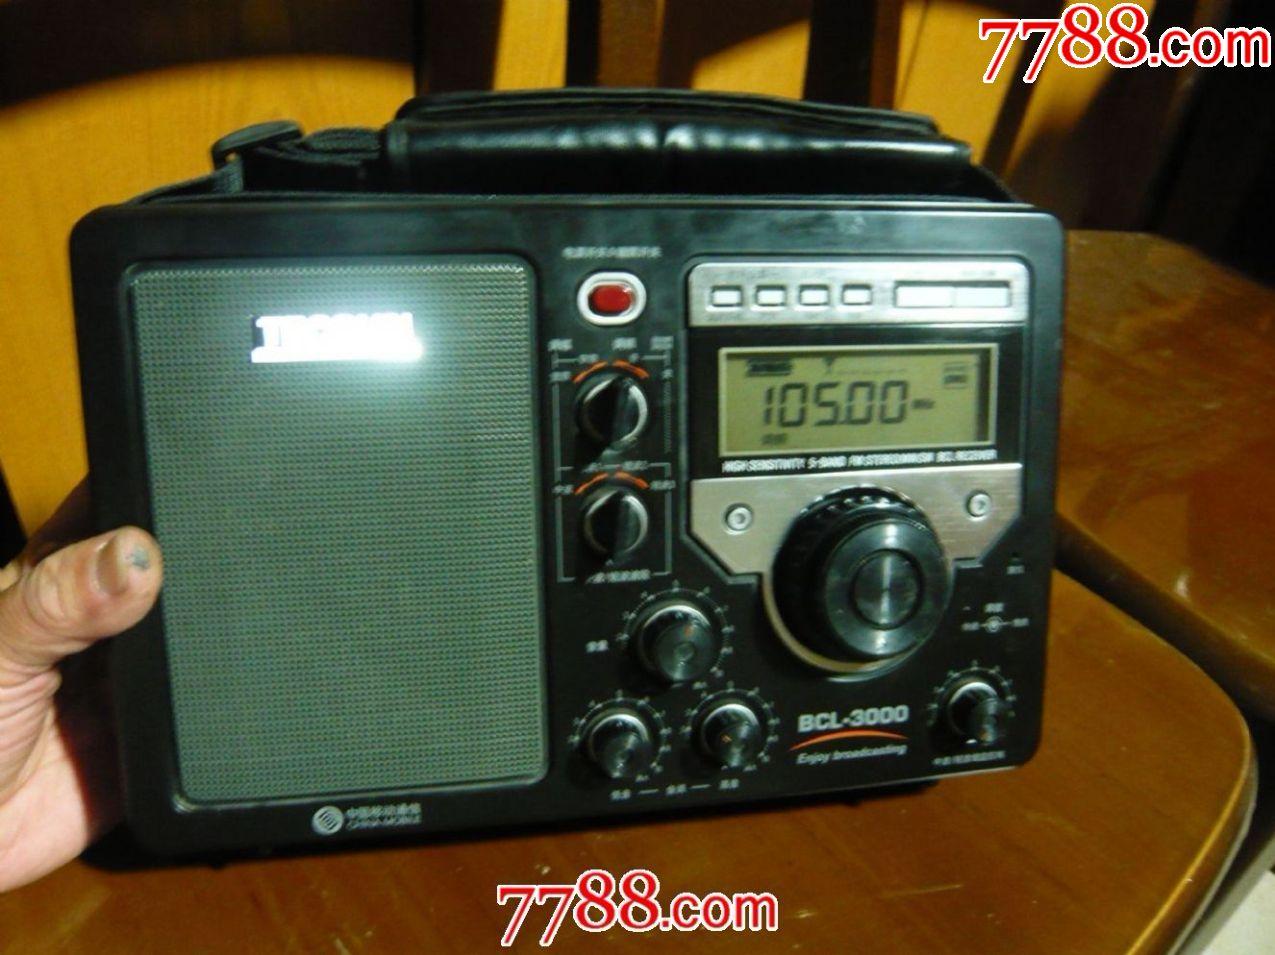 国产德生bcl3000集成电路收音机(,中国移动定制机)